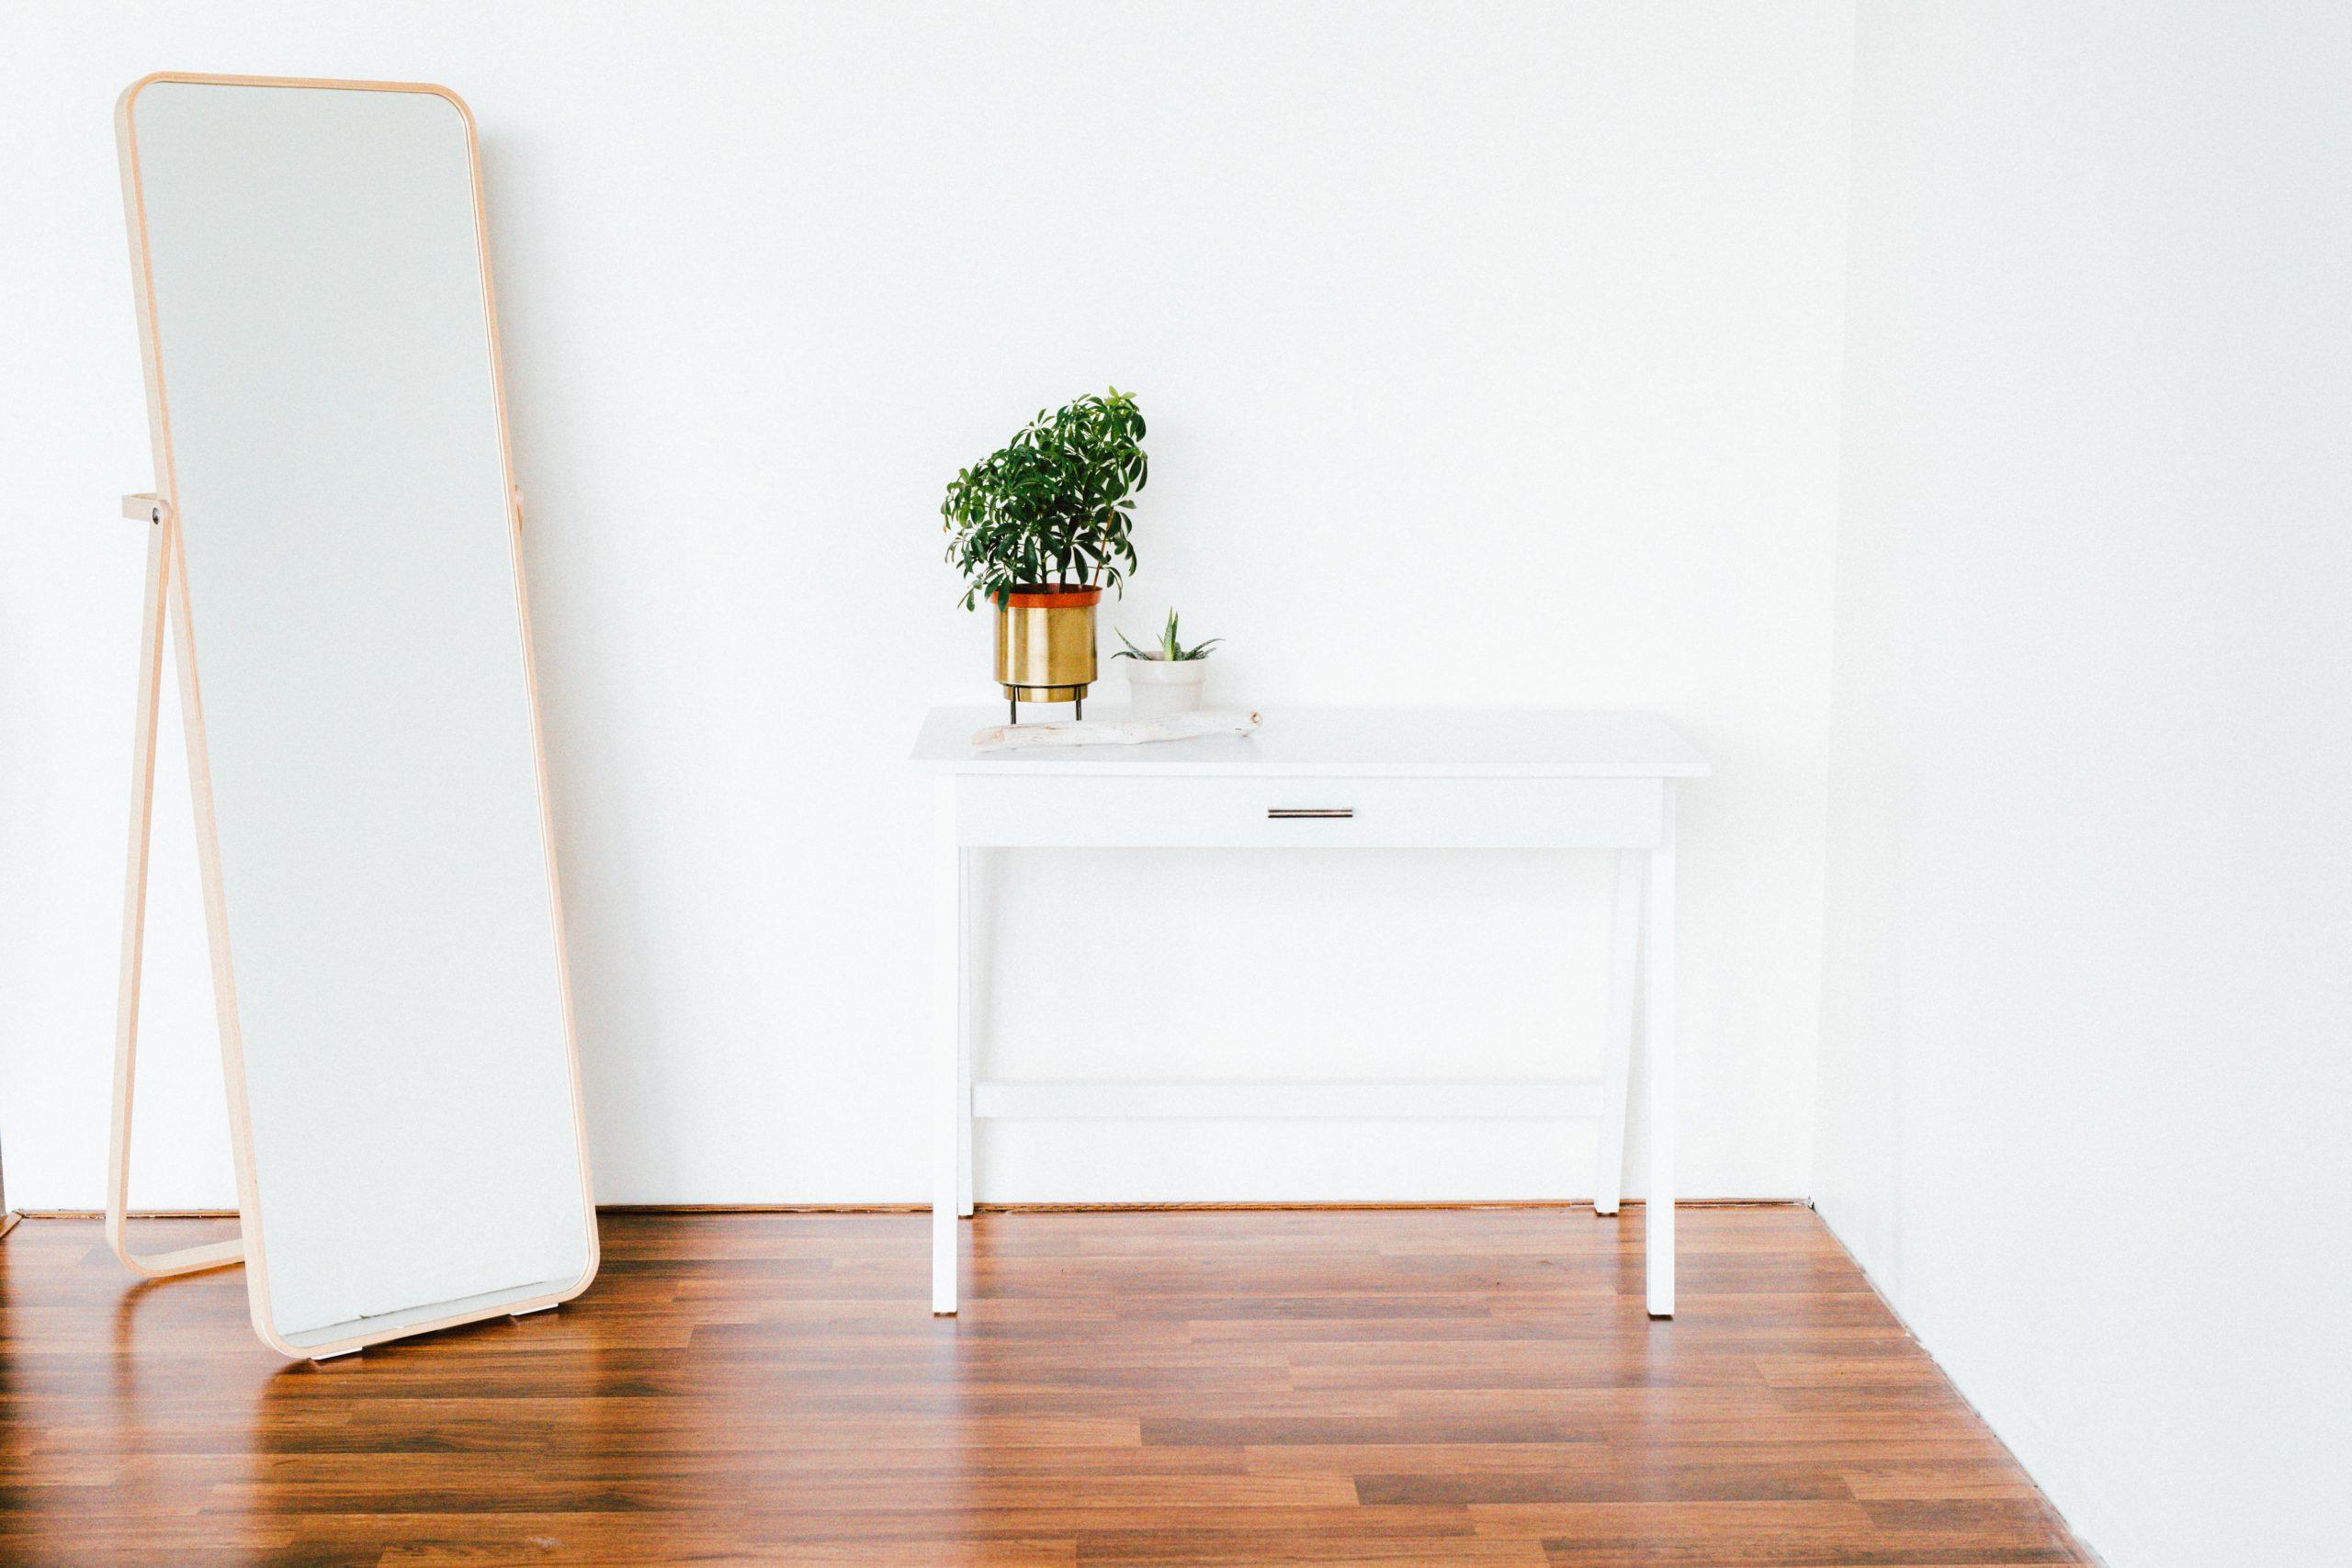 Sigue estos sencillos consejos para purificar el aire en tu hogar